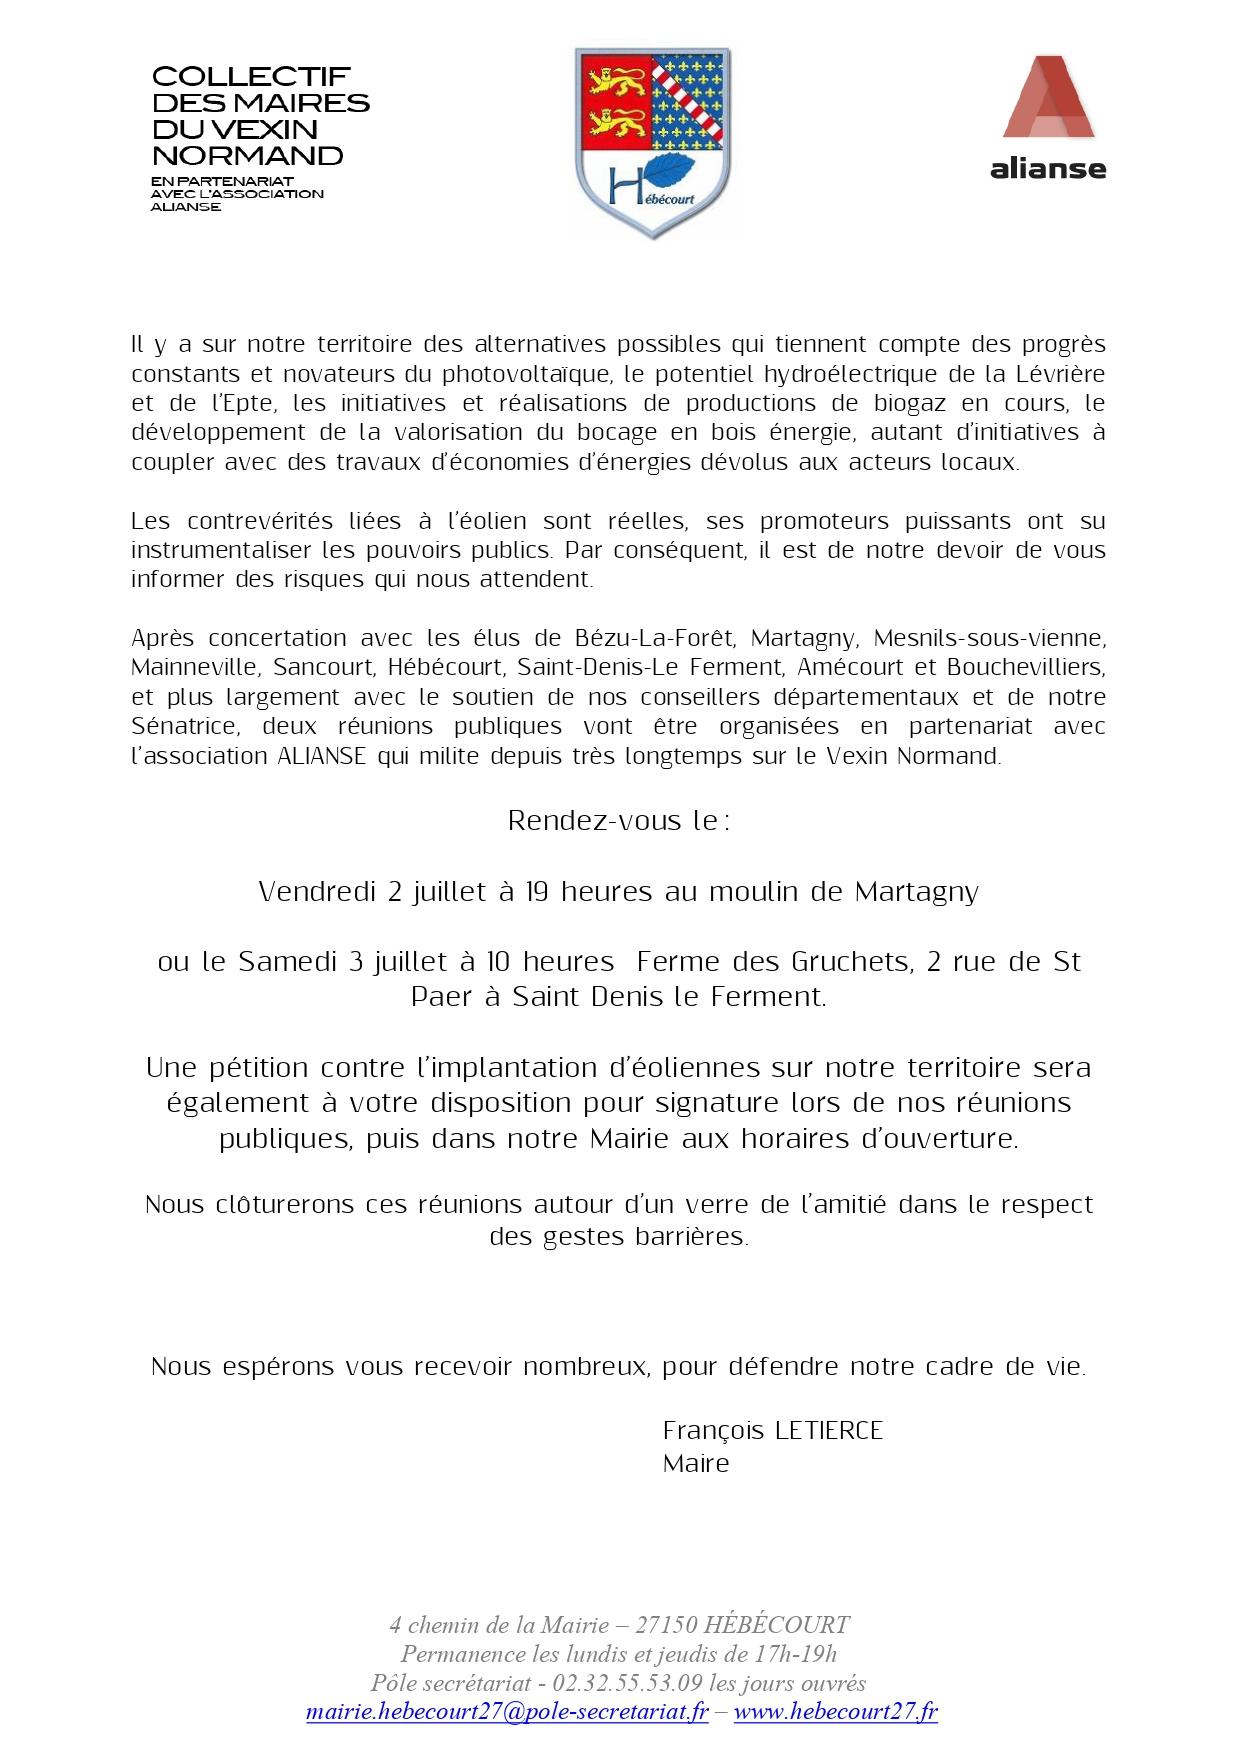 Lettre aux habitants éolienne Hébécourt_page-0002.jpg